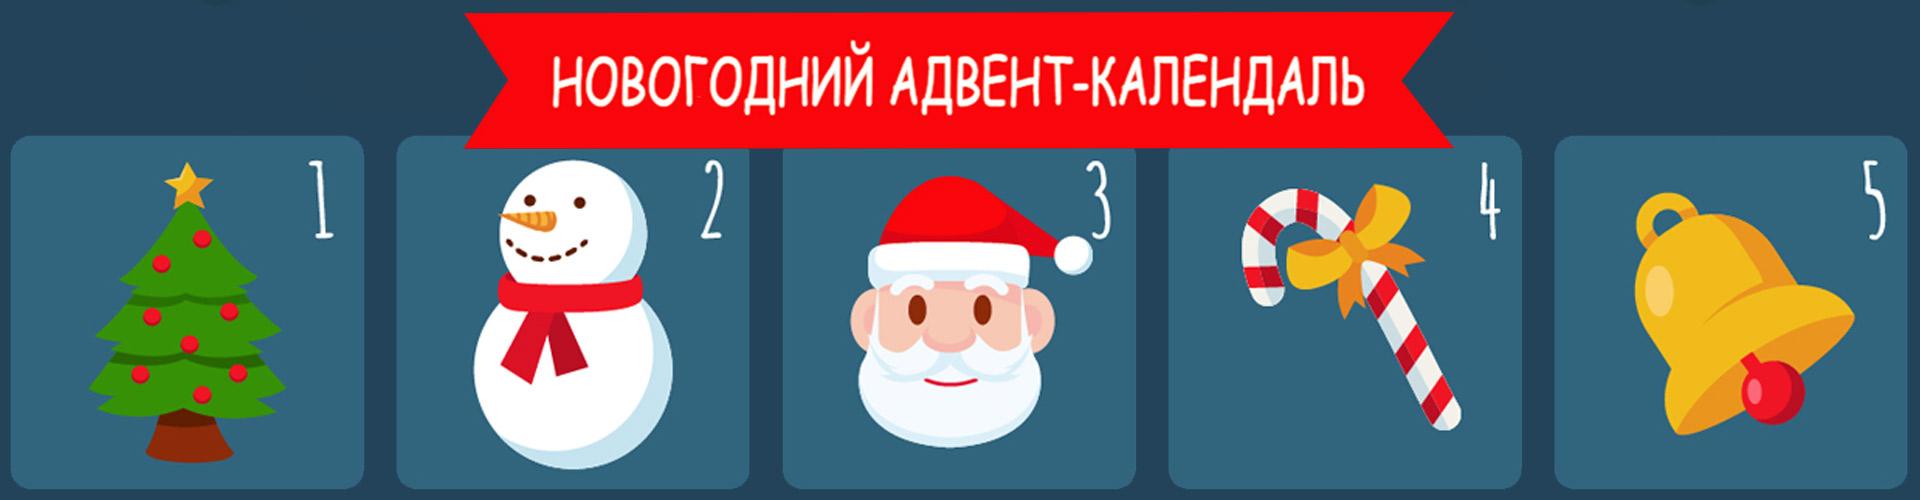 акция ТВОЙ АДВЕНТ-КАЛЕНДАРЬ